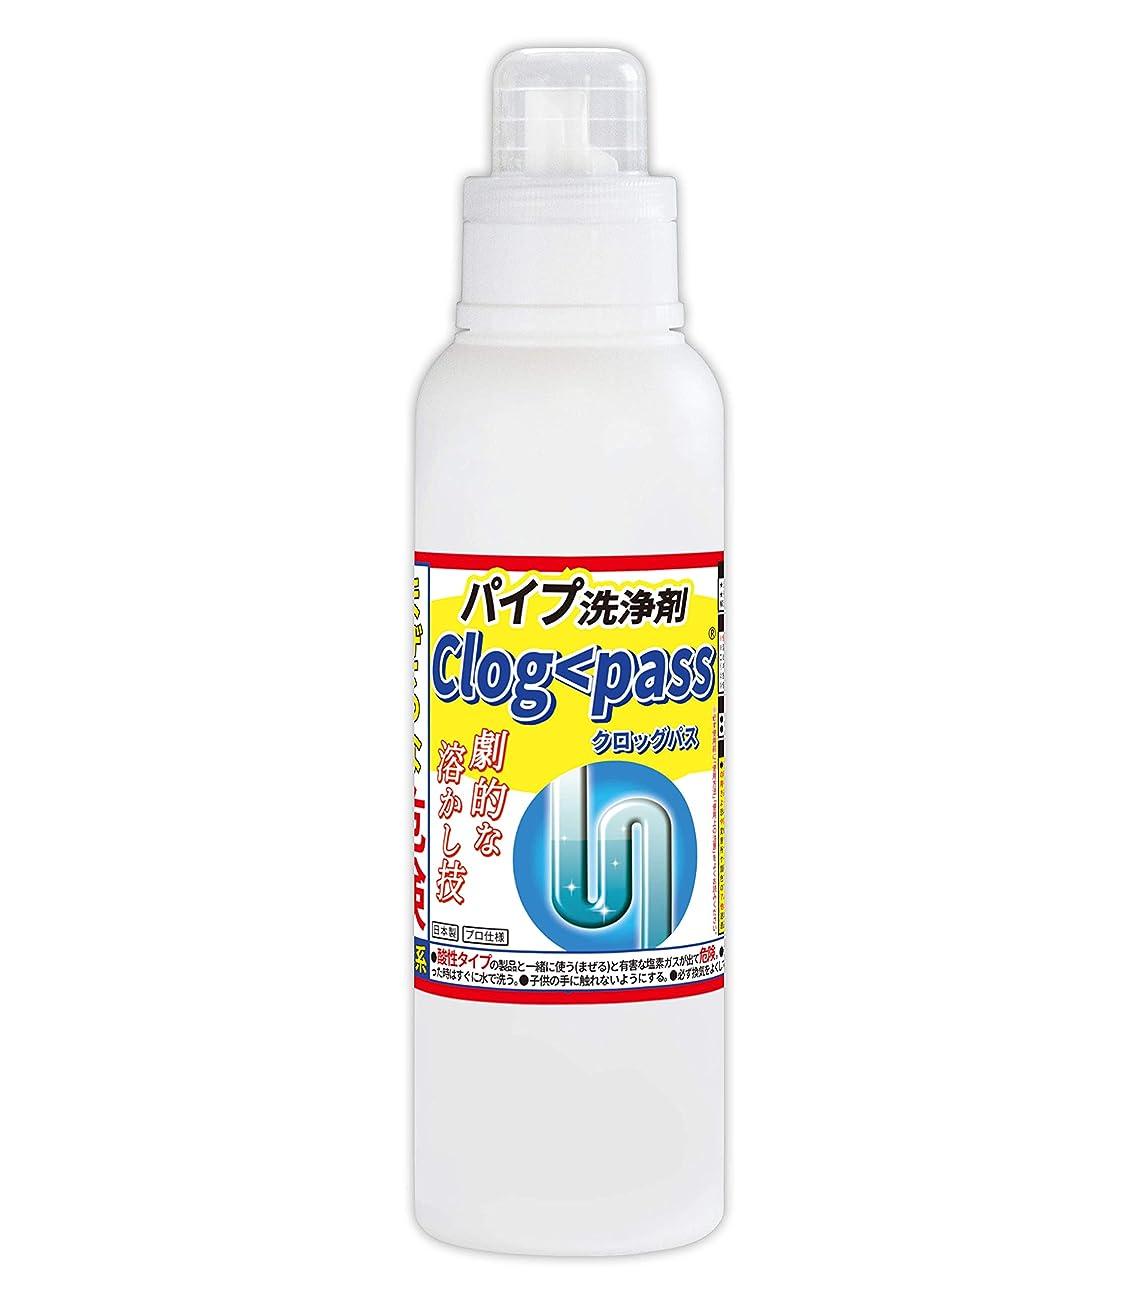 ボトル地域の注入パイプクリーナー クロッグパス 500g 液体タイプ 髪の毛など排水管の詰まりを溶かすパイプ洗浄剤 PP-C500